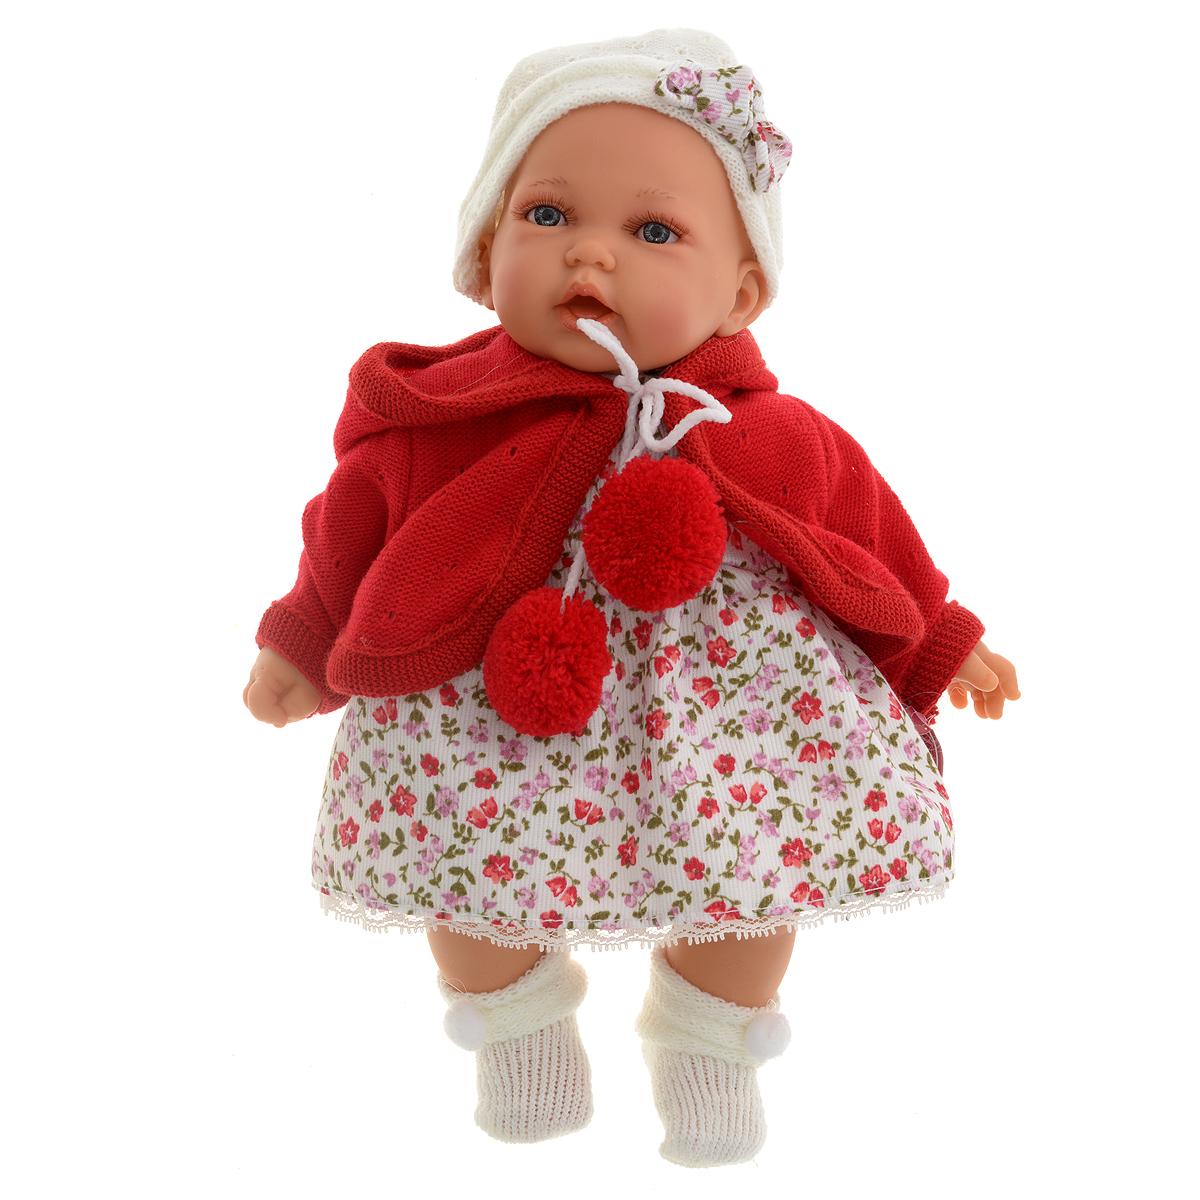 Munecas Antonio Juan Пупс Азалия цвет красный1220RКукла Antonio Juan Азалия - чудесная малышка, которая порадует вашу маленькую принцессу и доставит ей много удовольствия от часов, посвященных игре с ней. У нее очаровательные глазки и длинные реснички. Малышка одета в красивое платьице в цветочек, вязаную кофточку и уютные носочки с помпонами. На голове у Азалии шапочка с очаровательным бантом. Тело куклы мягконабивное, а подвижные голова, ножки и ручки выполнены из высококачественного винила. При первом нажатии на животик куколка весело засмеется, при втором скажет - мама, при третьем - папа. Игра с куклой разовьет в вашей малышке чувство ответственности и заботы. Порадуйте свою принцессу таким великолепным подарком! Рекомендуется докупить 3 батарейки напряжением 1,5V типа AG13/LR44 (товар комплектуется демонстрационными). Munecas Antonio Juan (куклы Антонио Хуан) - это бренд с многолетней историей! Куклы Antonio Juan производятся в Испании, отливаются из очень мягкого винила с добавлением...